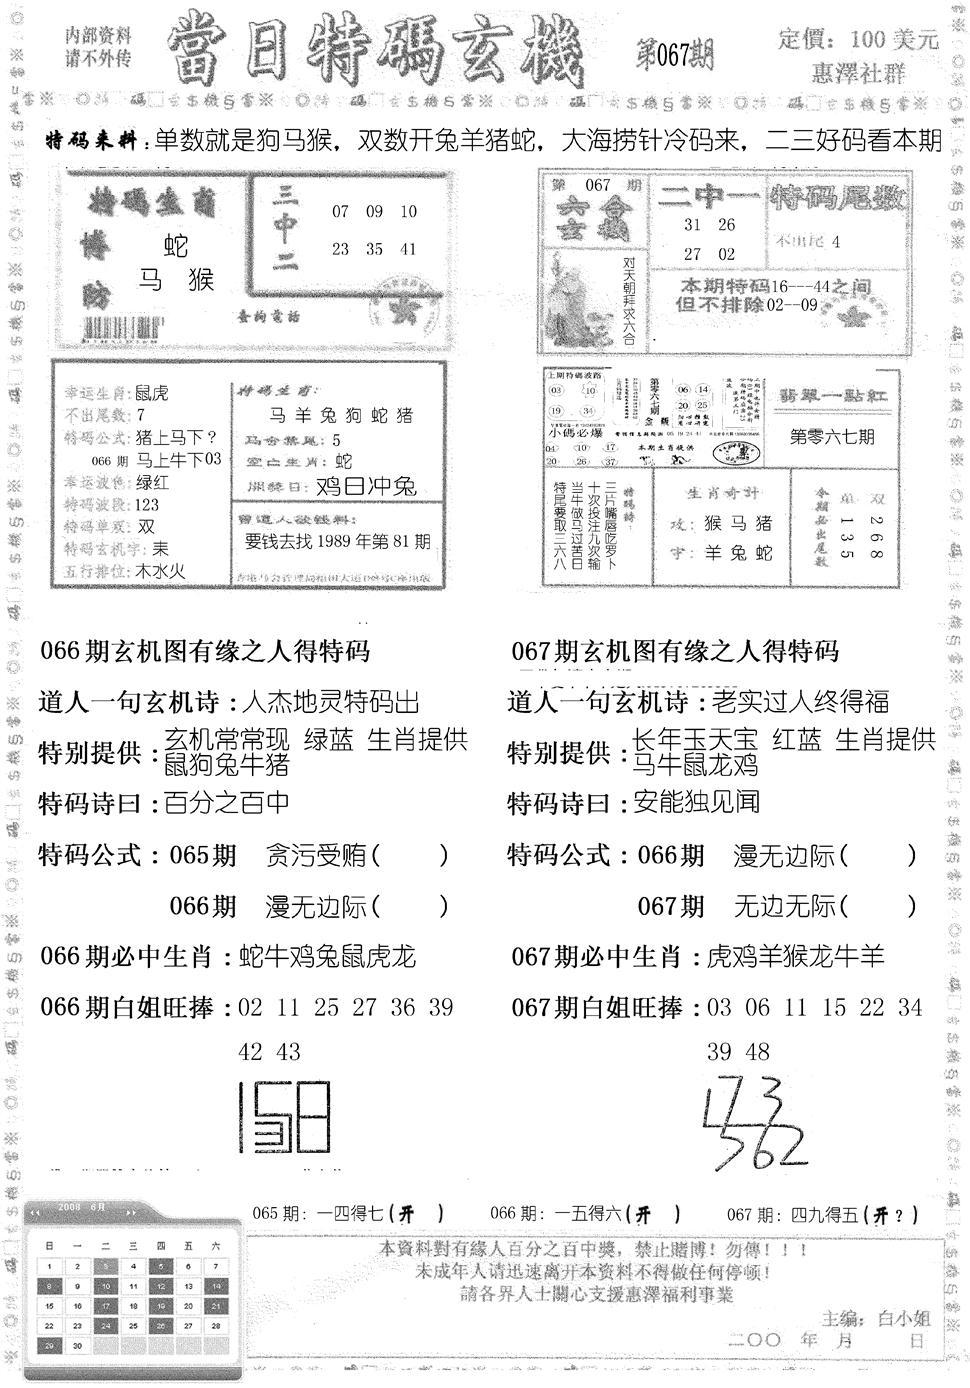 067期当日特码玄机B(新)(黑白)